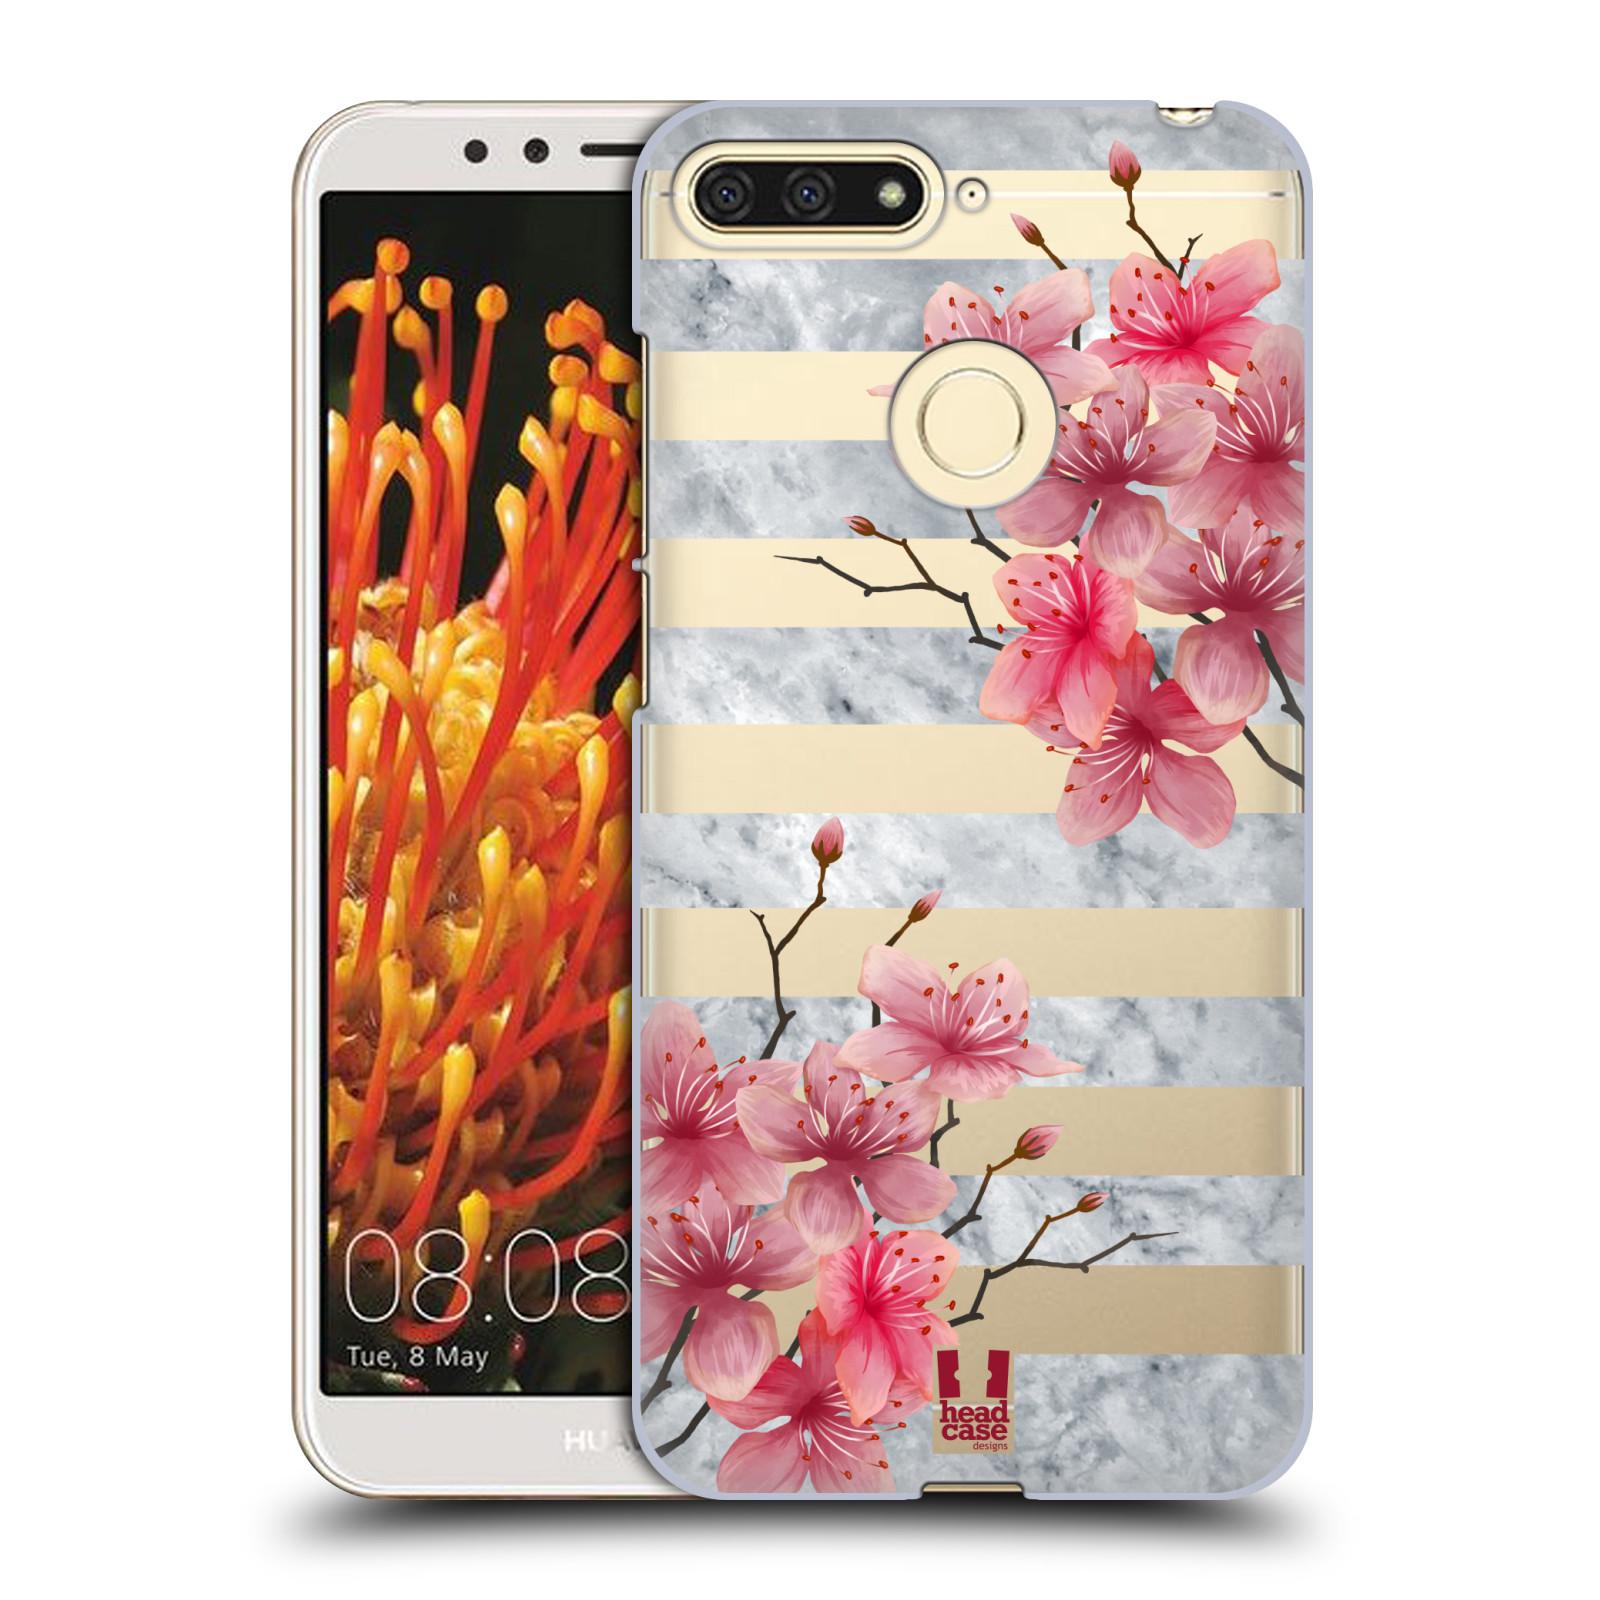 Plastové pouzdro na mobil Huawei Y6 Prime 2018 - Head Case - Kvítka a mramor